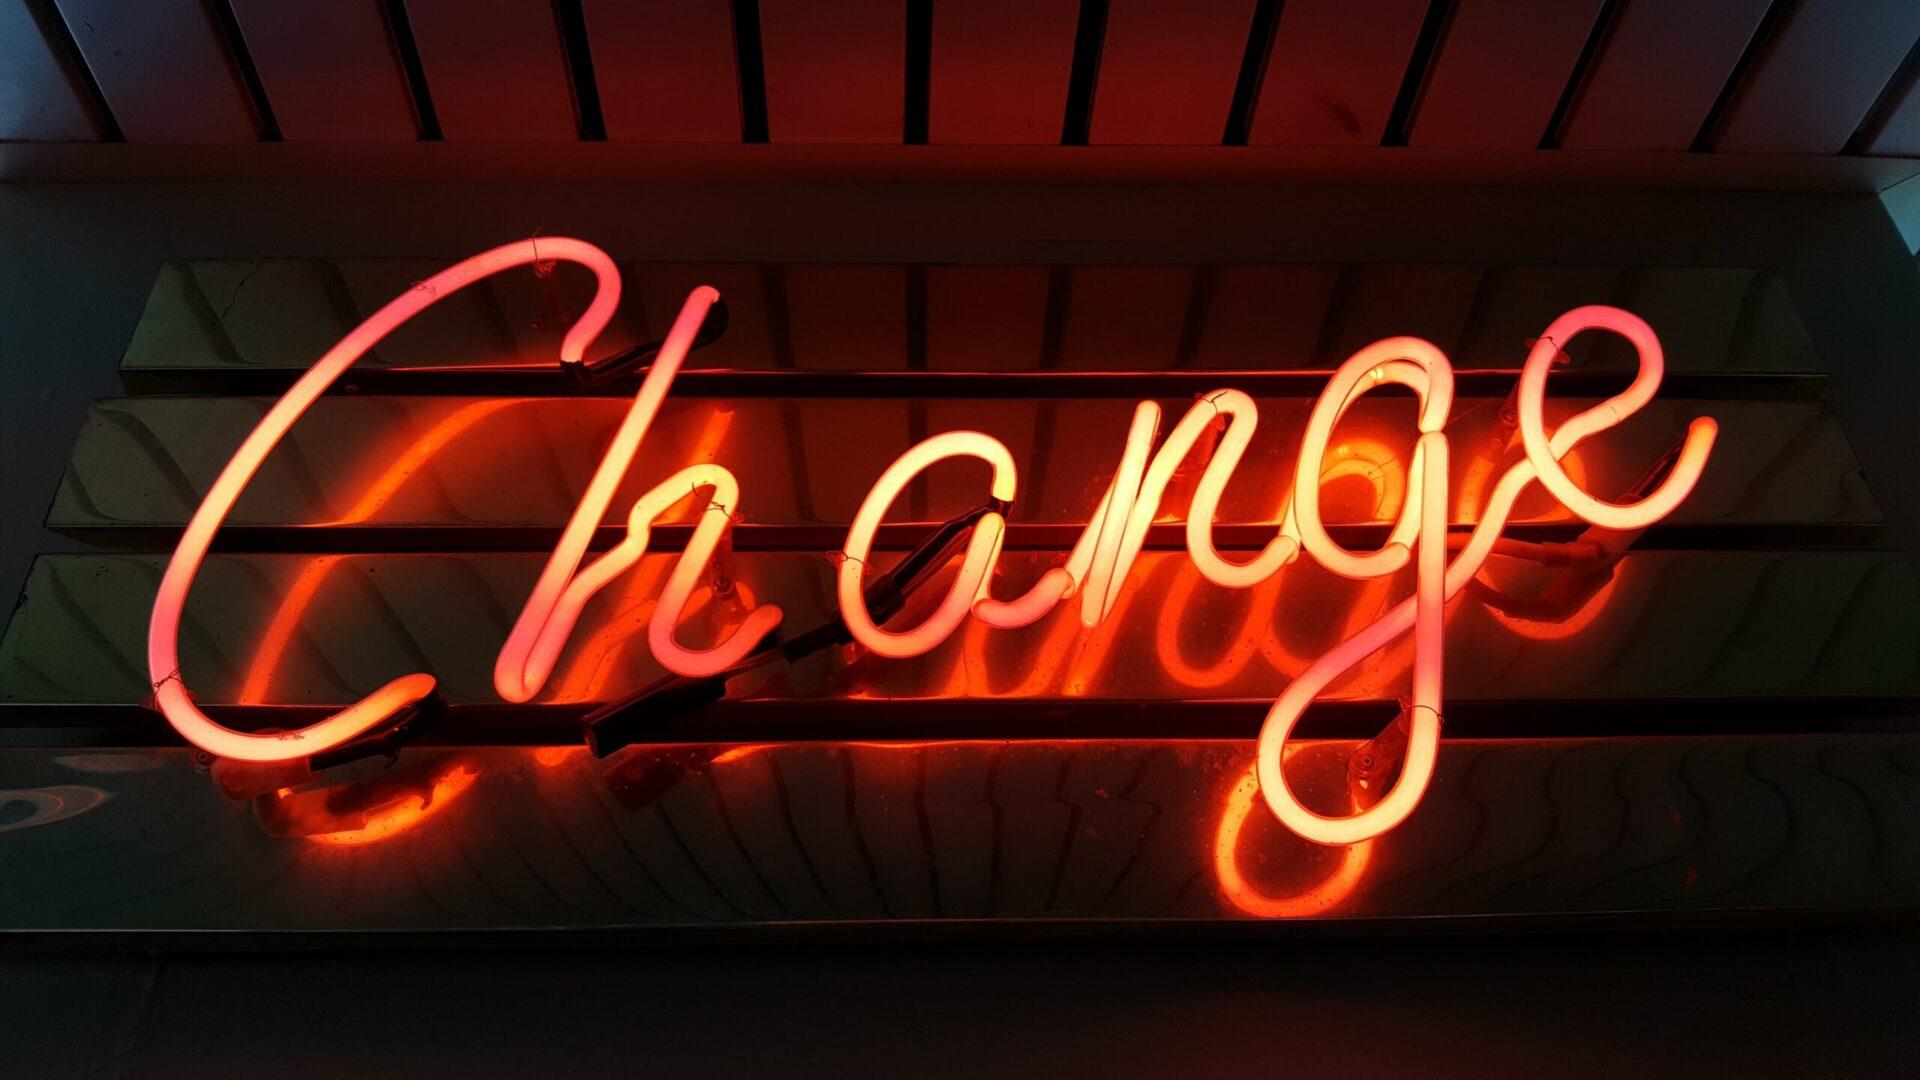 Il cambiamento: cosa richiede e come ottenerlo